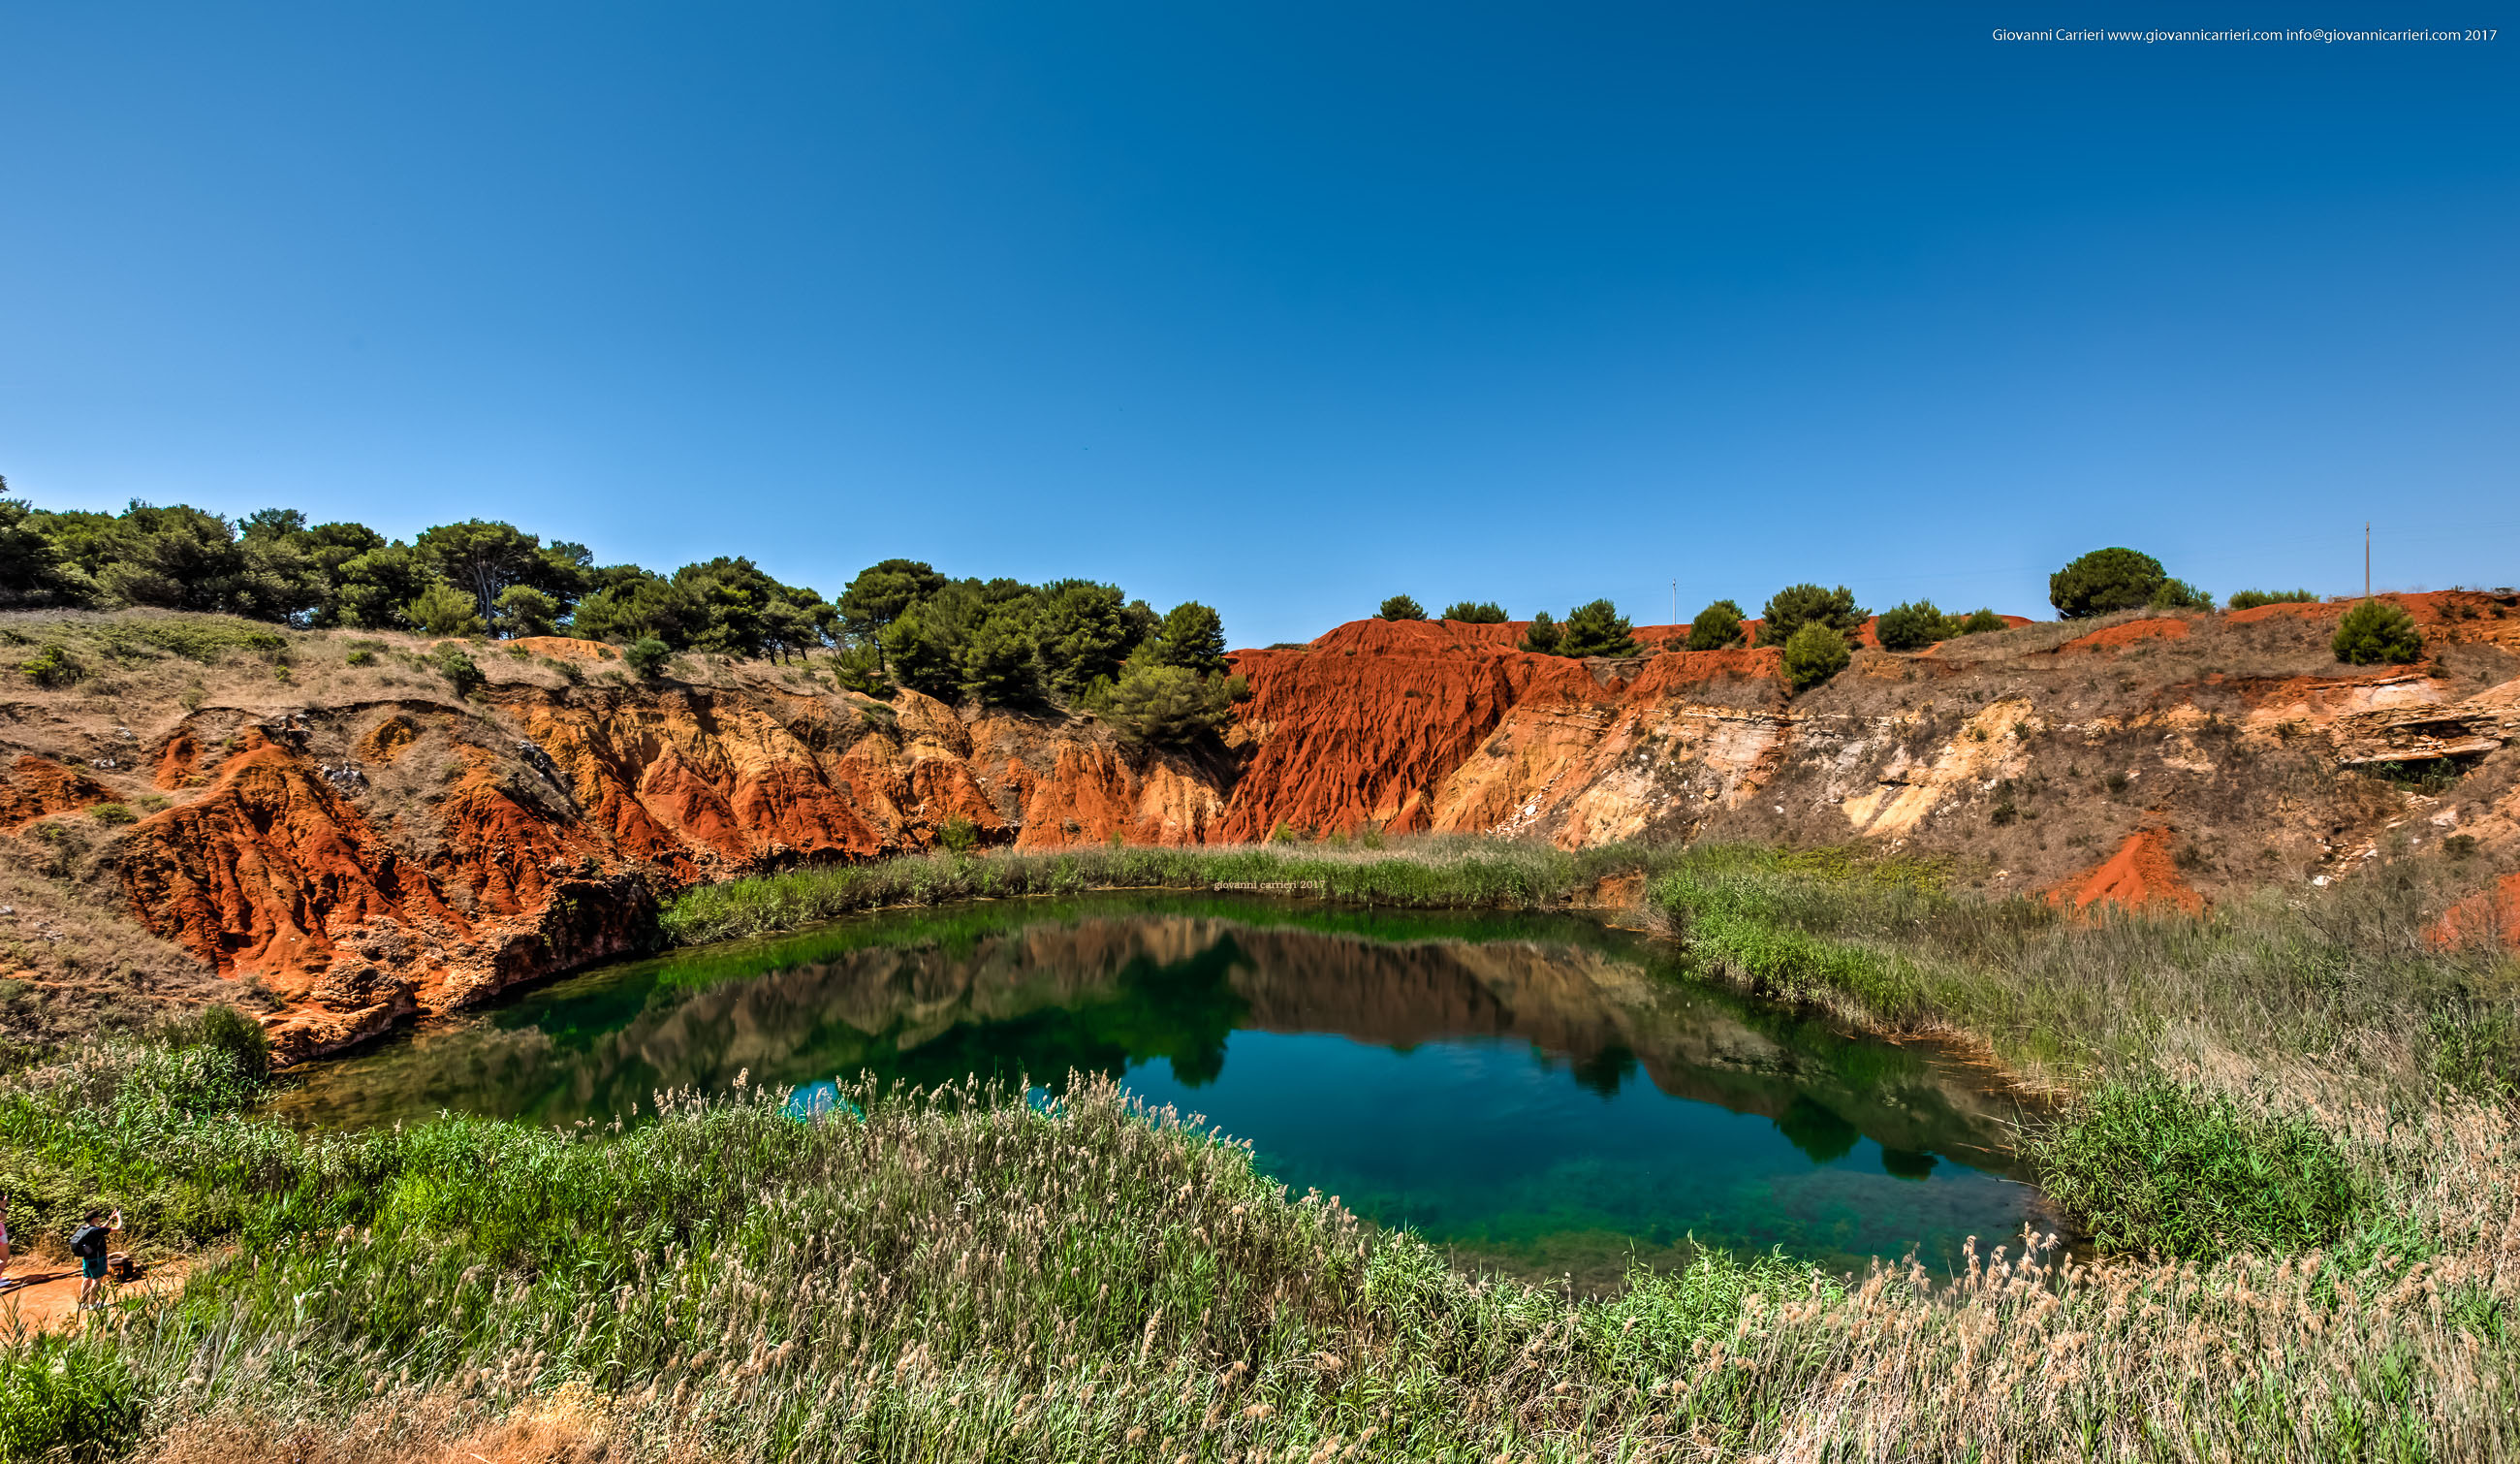 La cava di bauxite nei pressi di Otranto